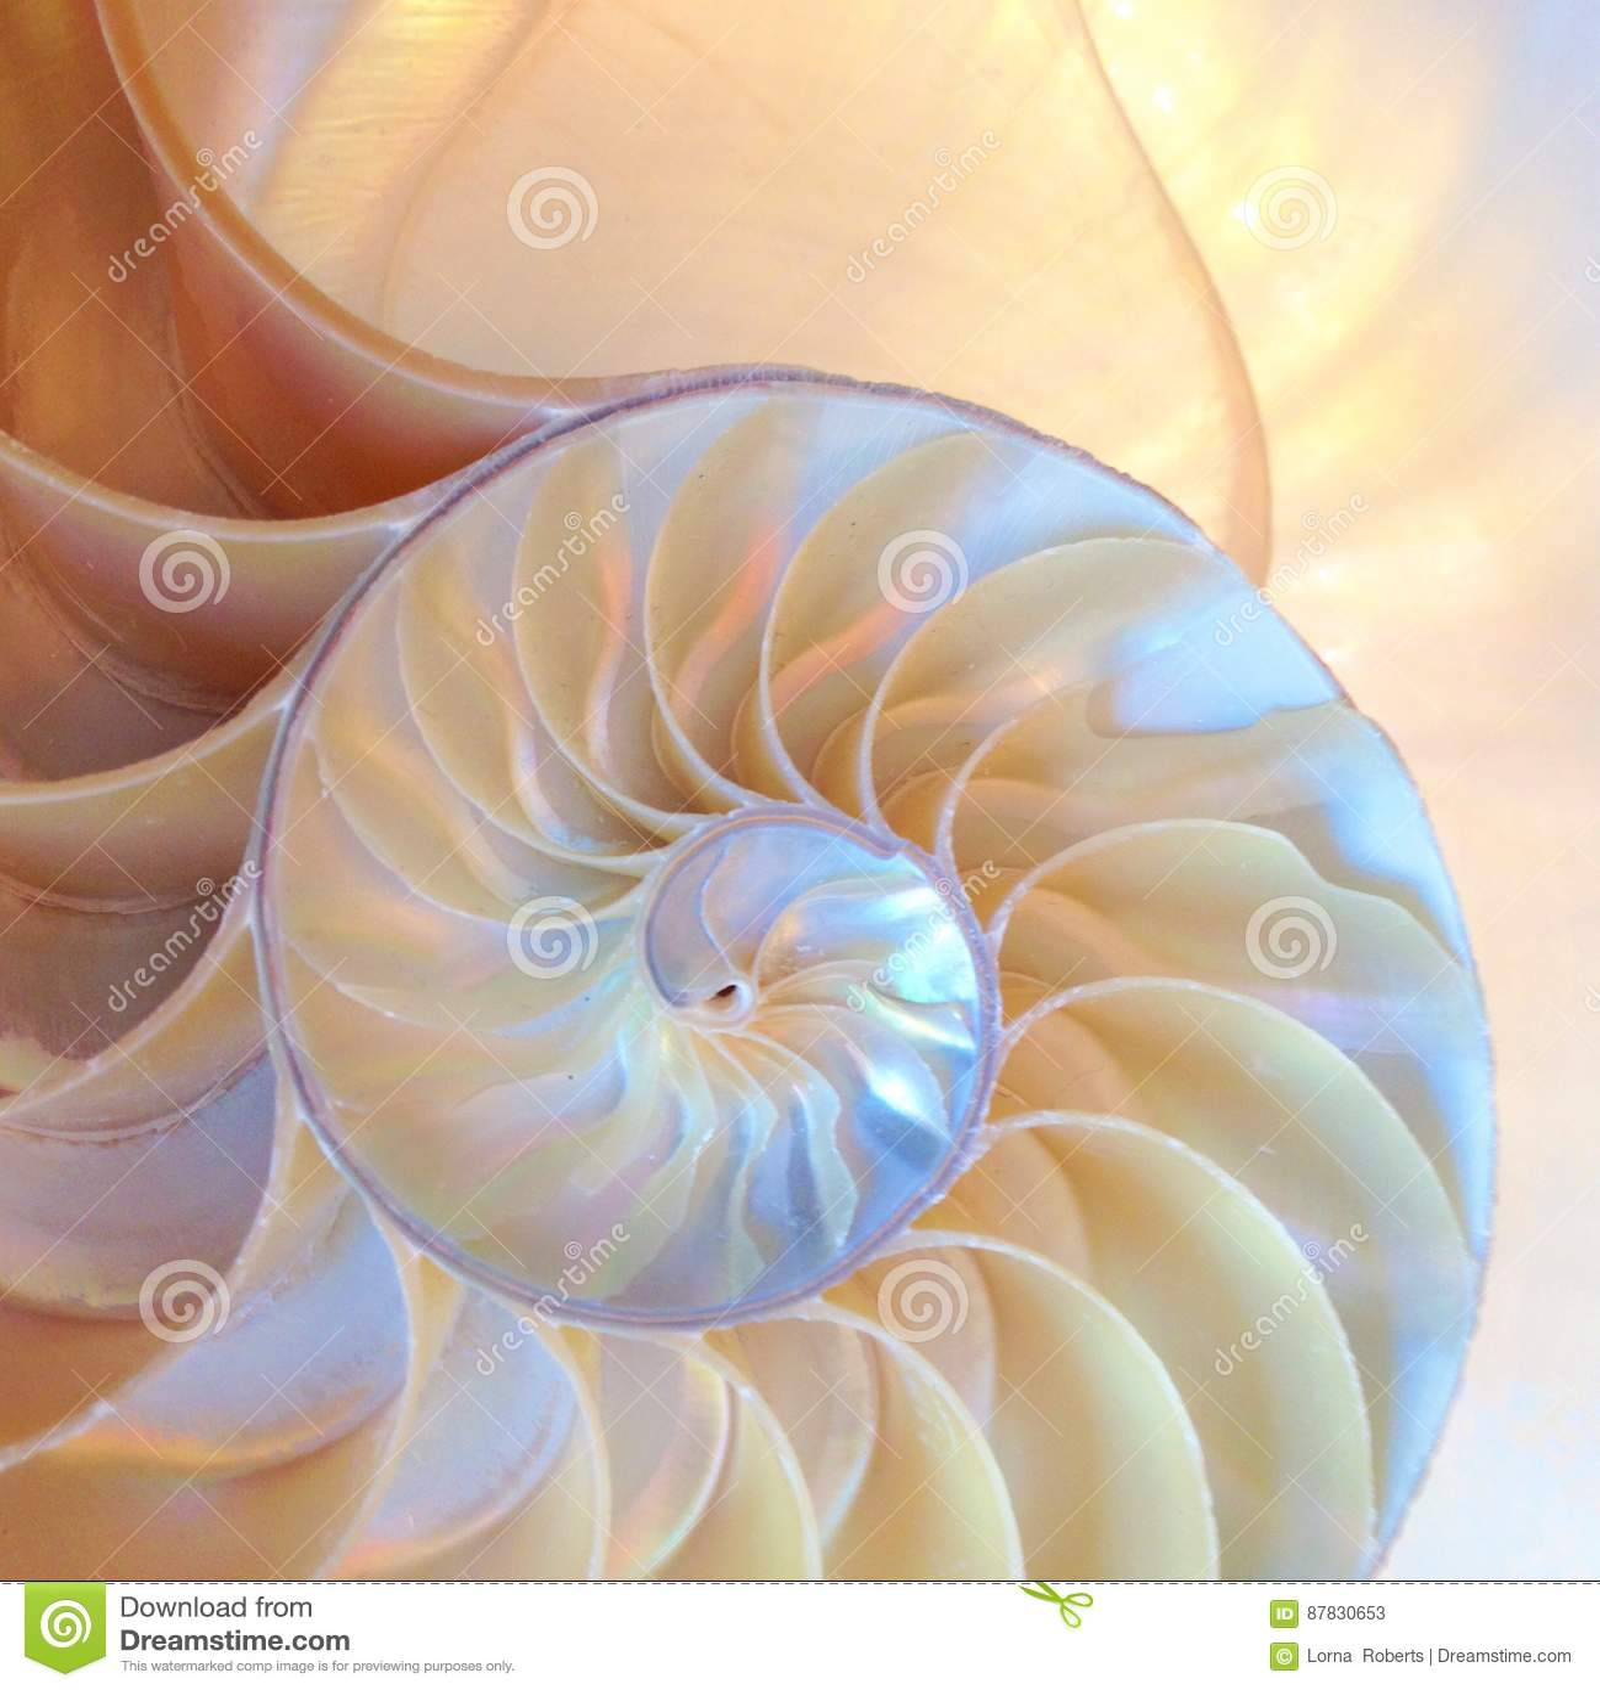 Nautilus раковины симметрии Фибоначчи половинной поперечного сечения спирали золотой коэффициента структуры роста конца мать ввер